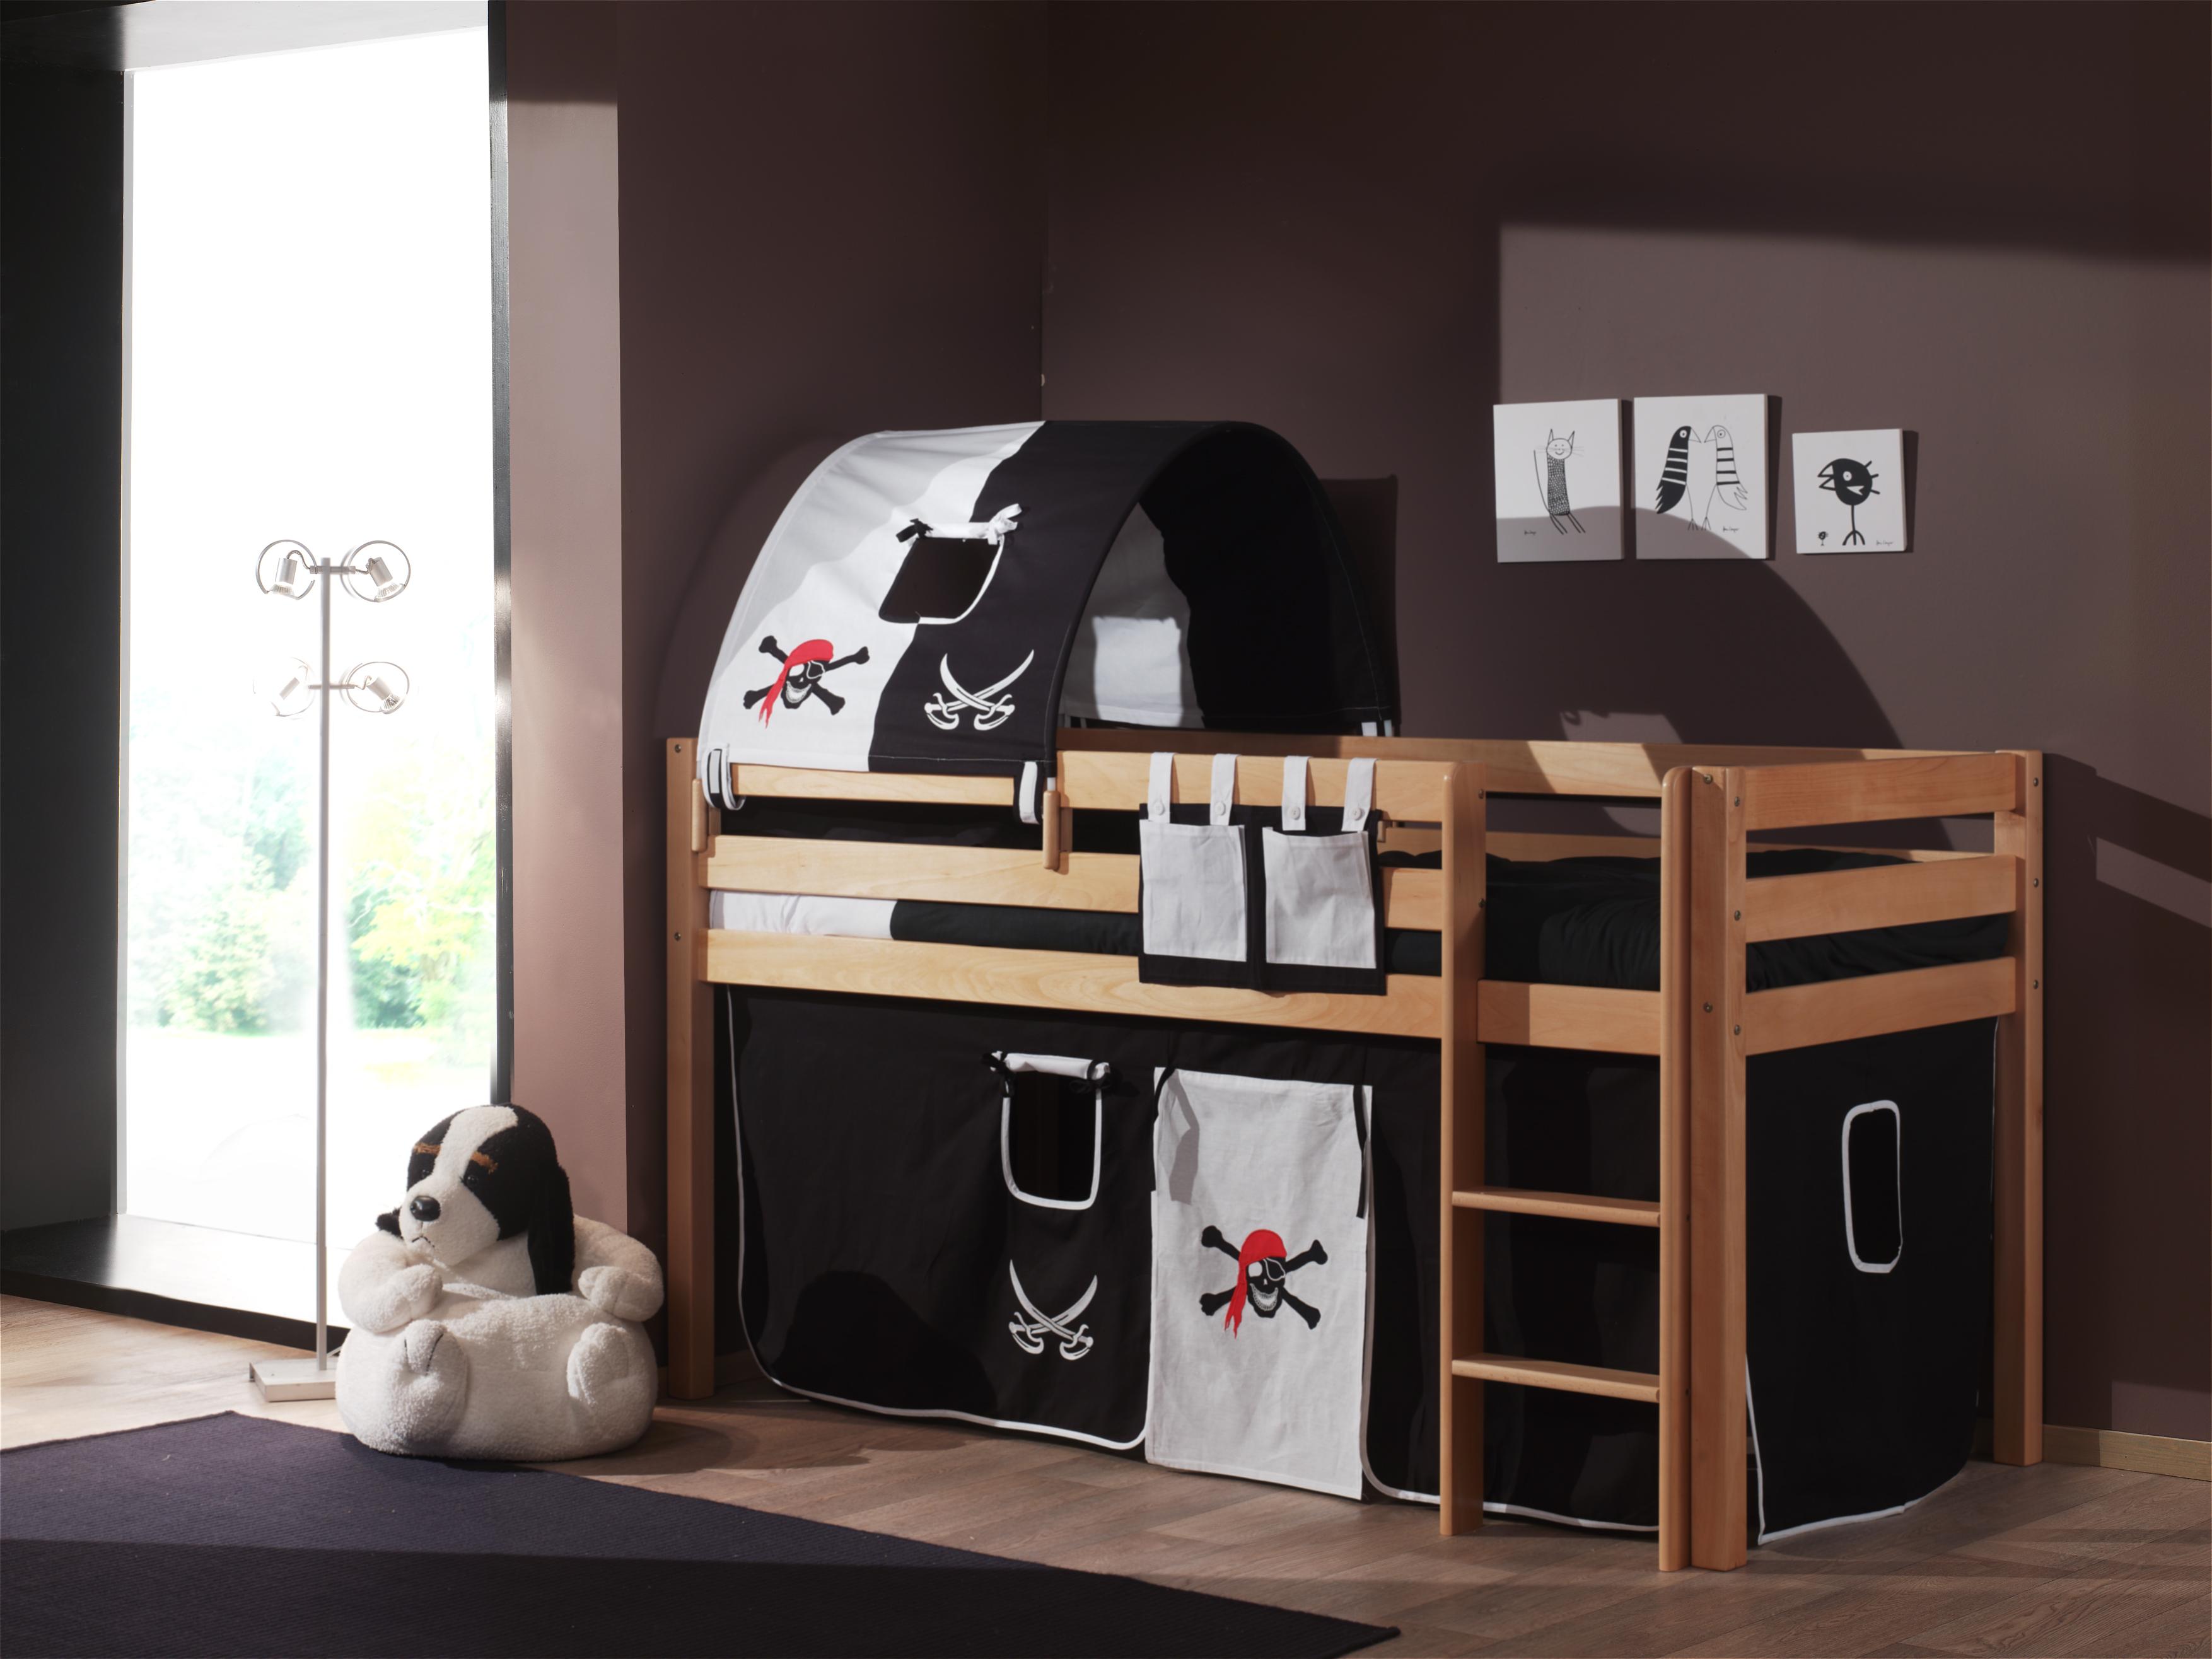 stapelbedprogramma met tal van mogelijkheden meubelen tilt de keizer. Black Bedroom Furniture Sets. Home Design Ideas